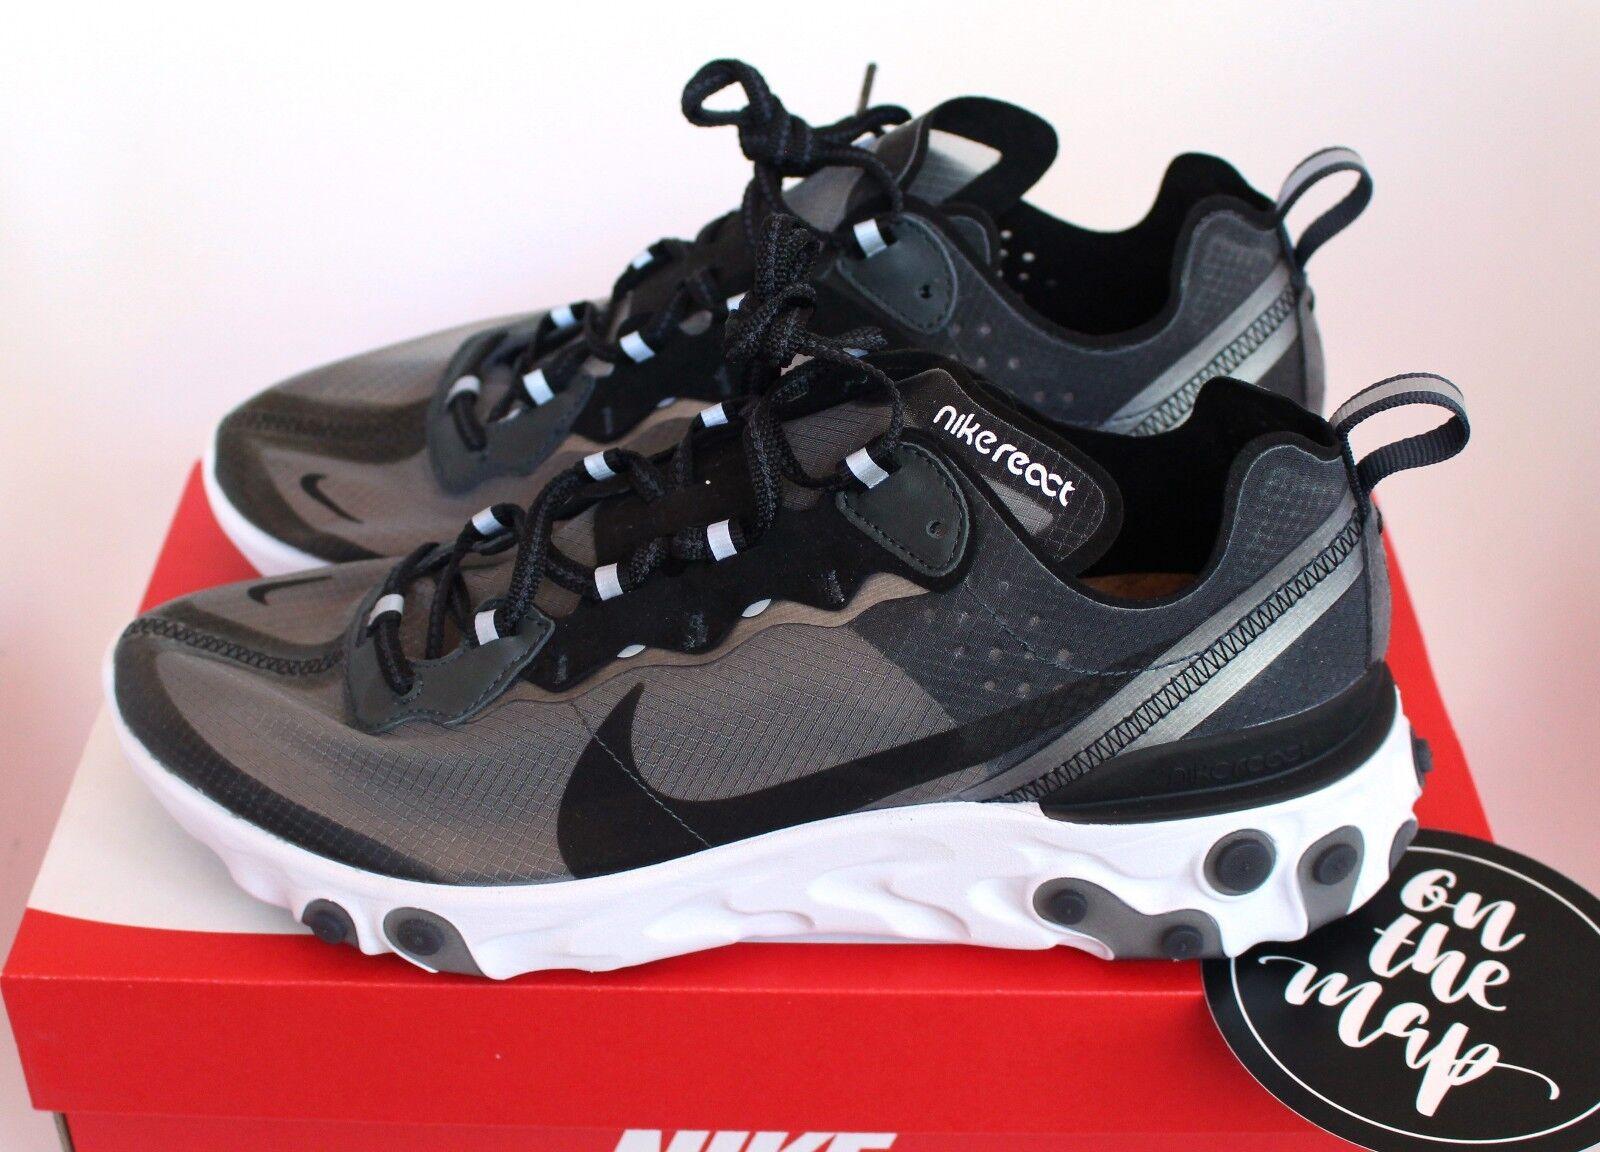 Nike reagire elemento 87 nero grigio antracite aq1090-001